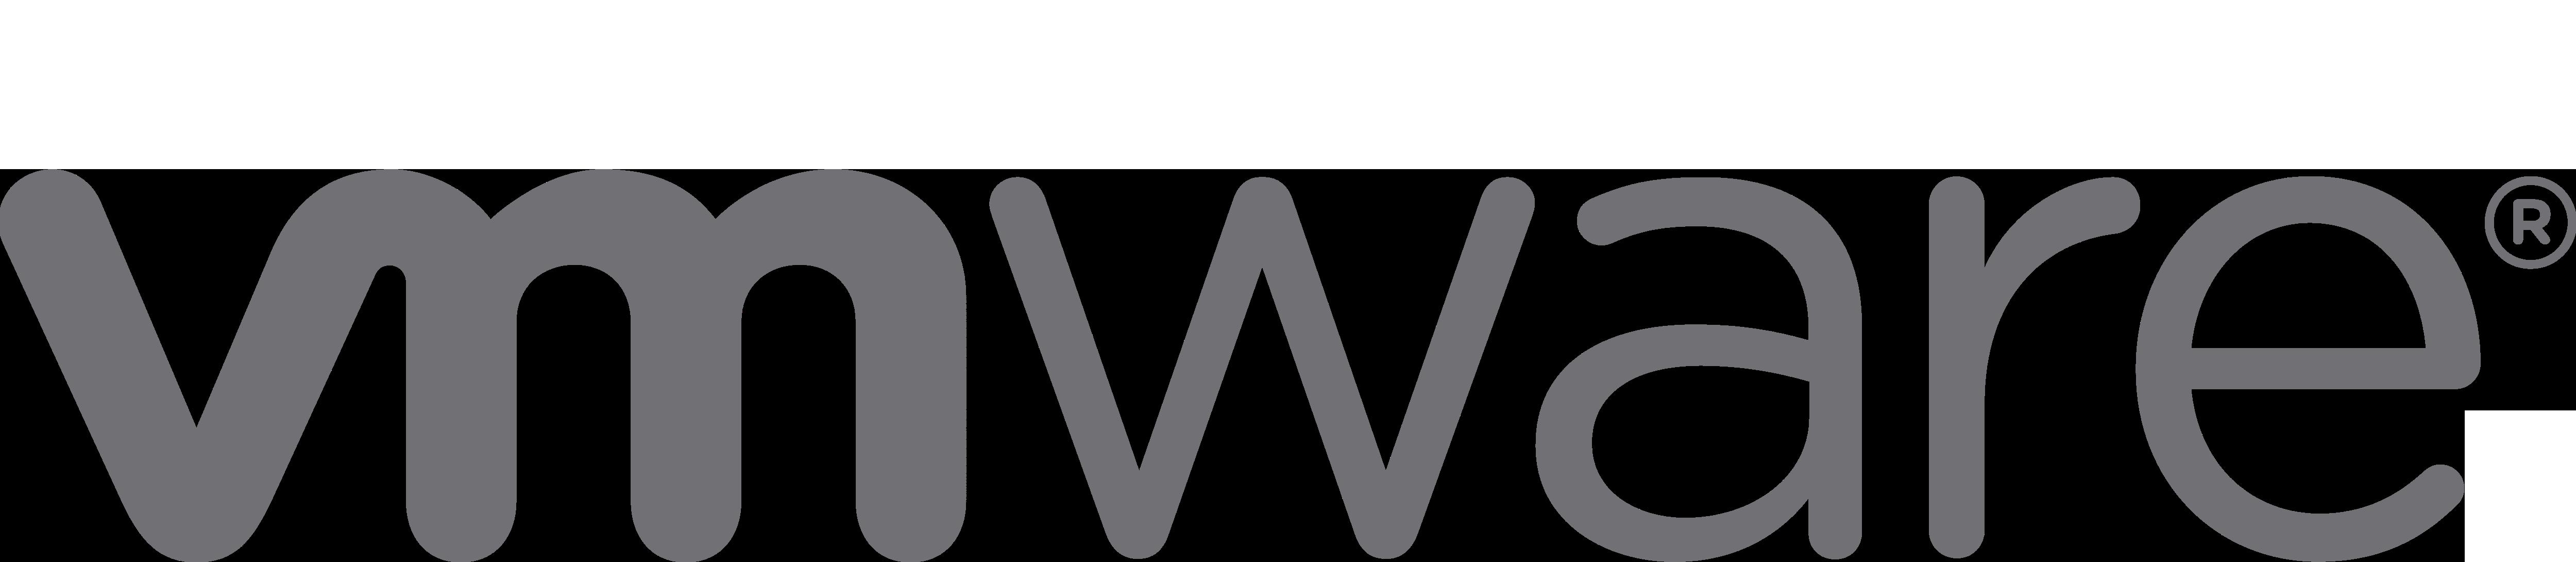 台灣威睿資訊有限公司VMware